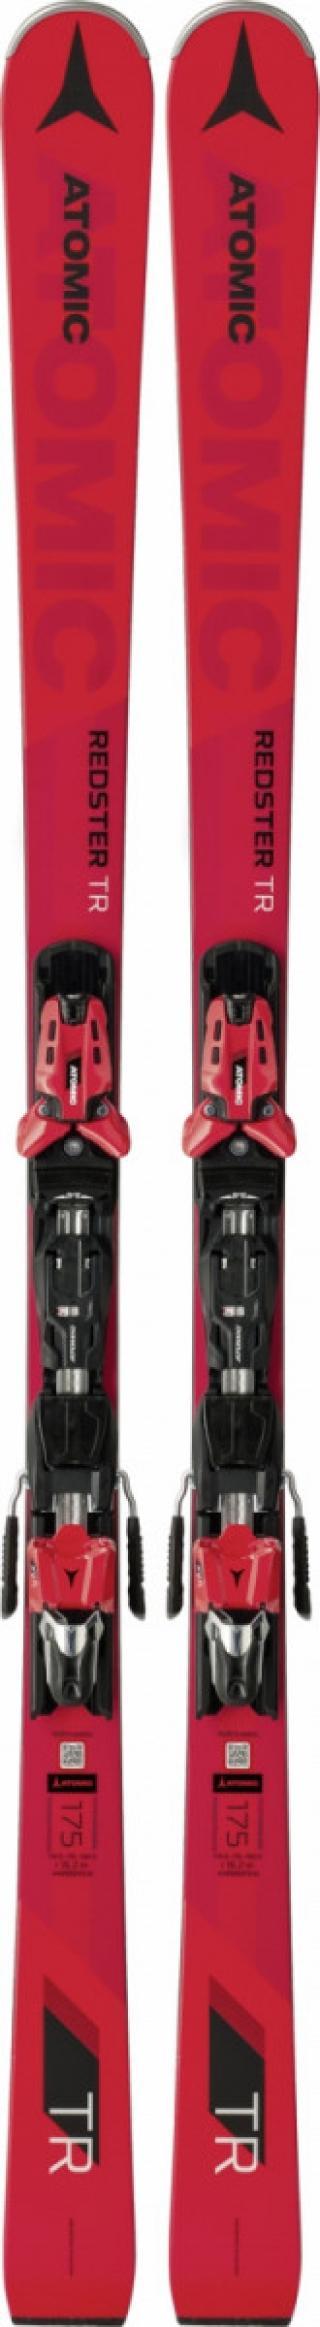 Atomic Redster TR   X 12 TL 19/20 Délka: 175 cm červená